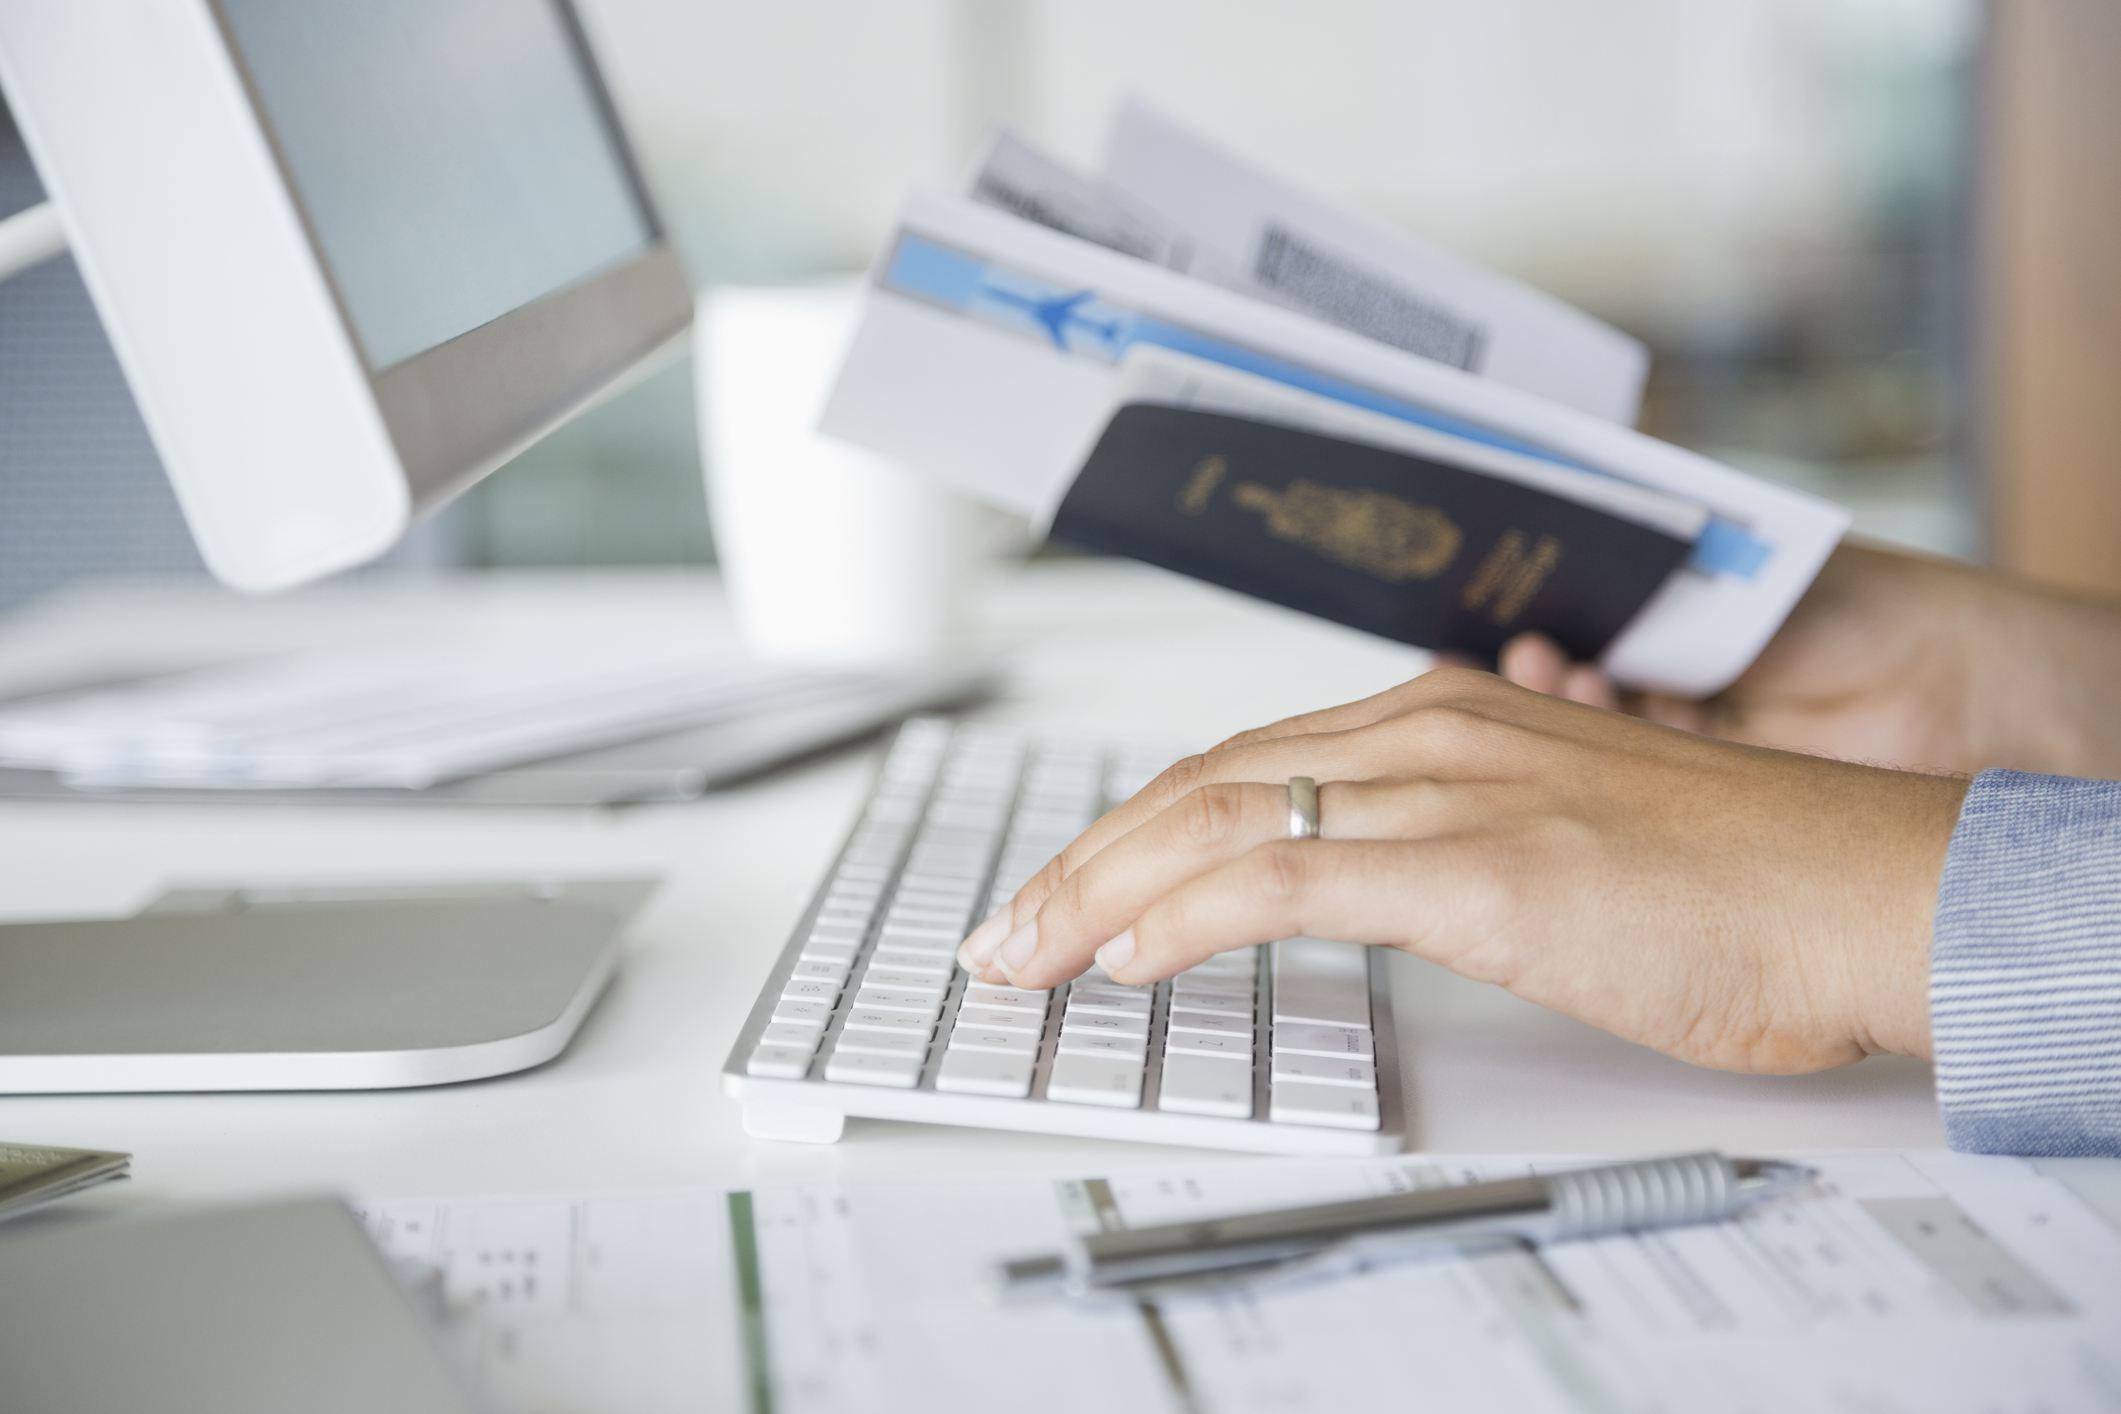 Verificación de la información del pasaporte